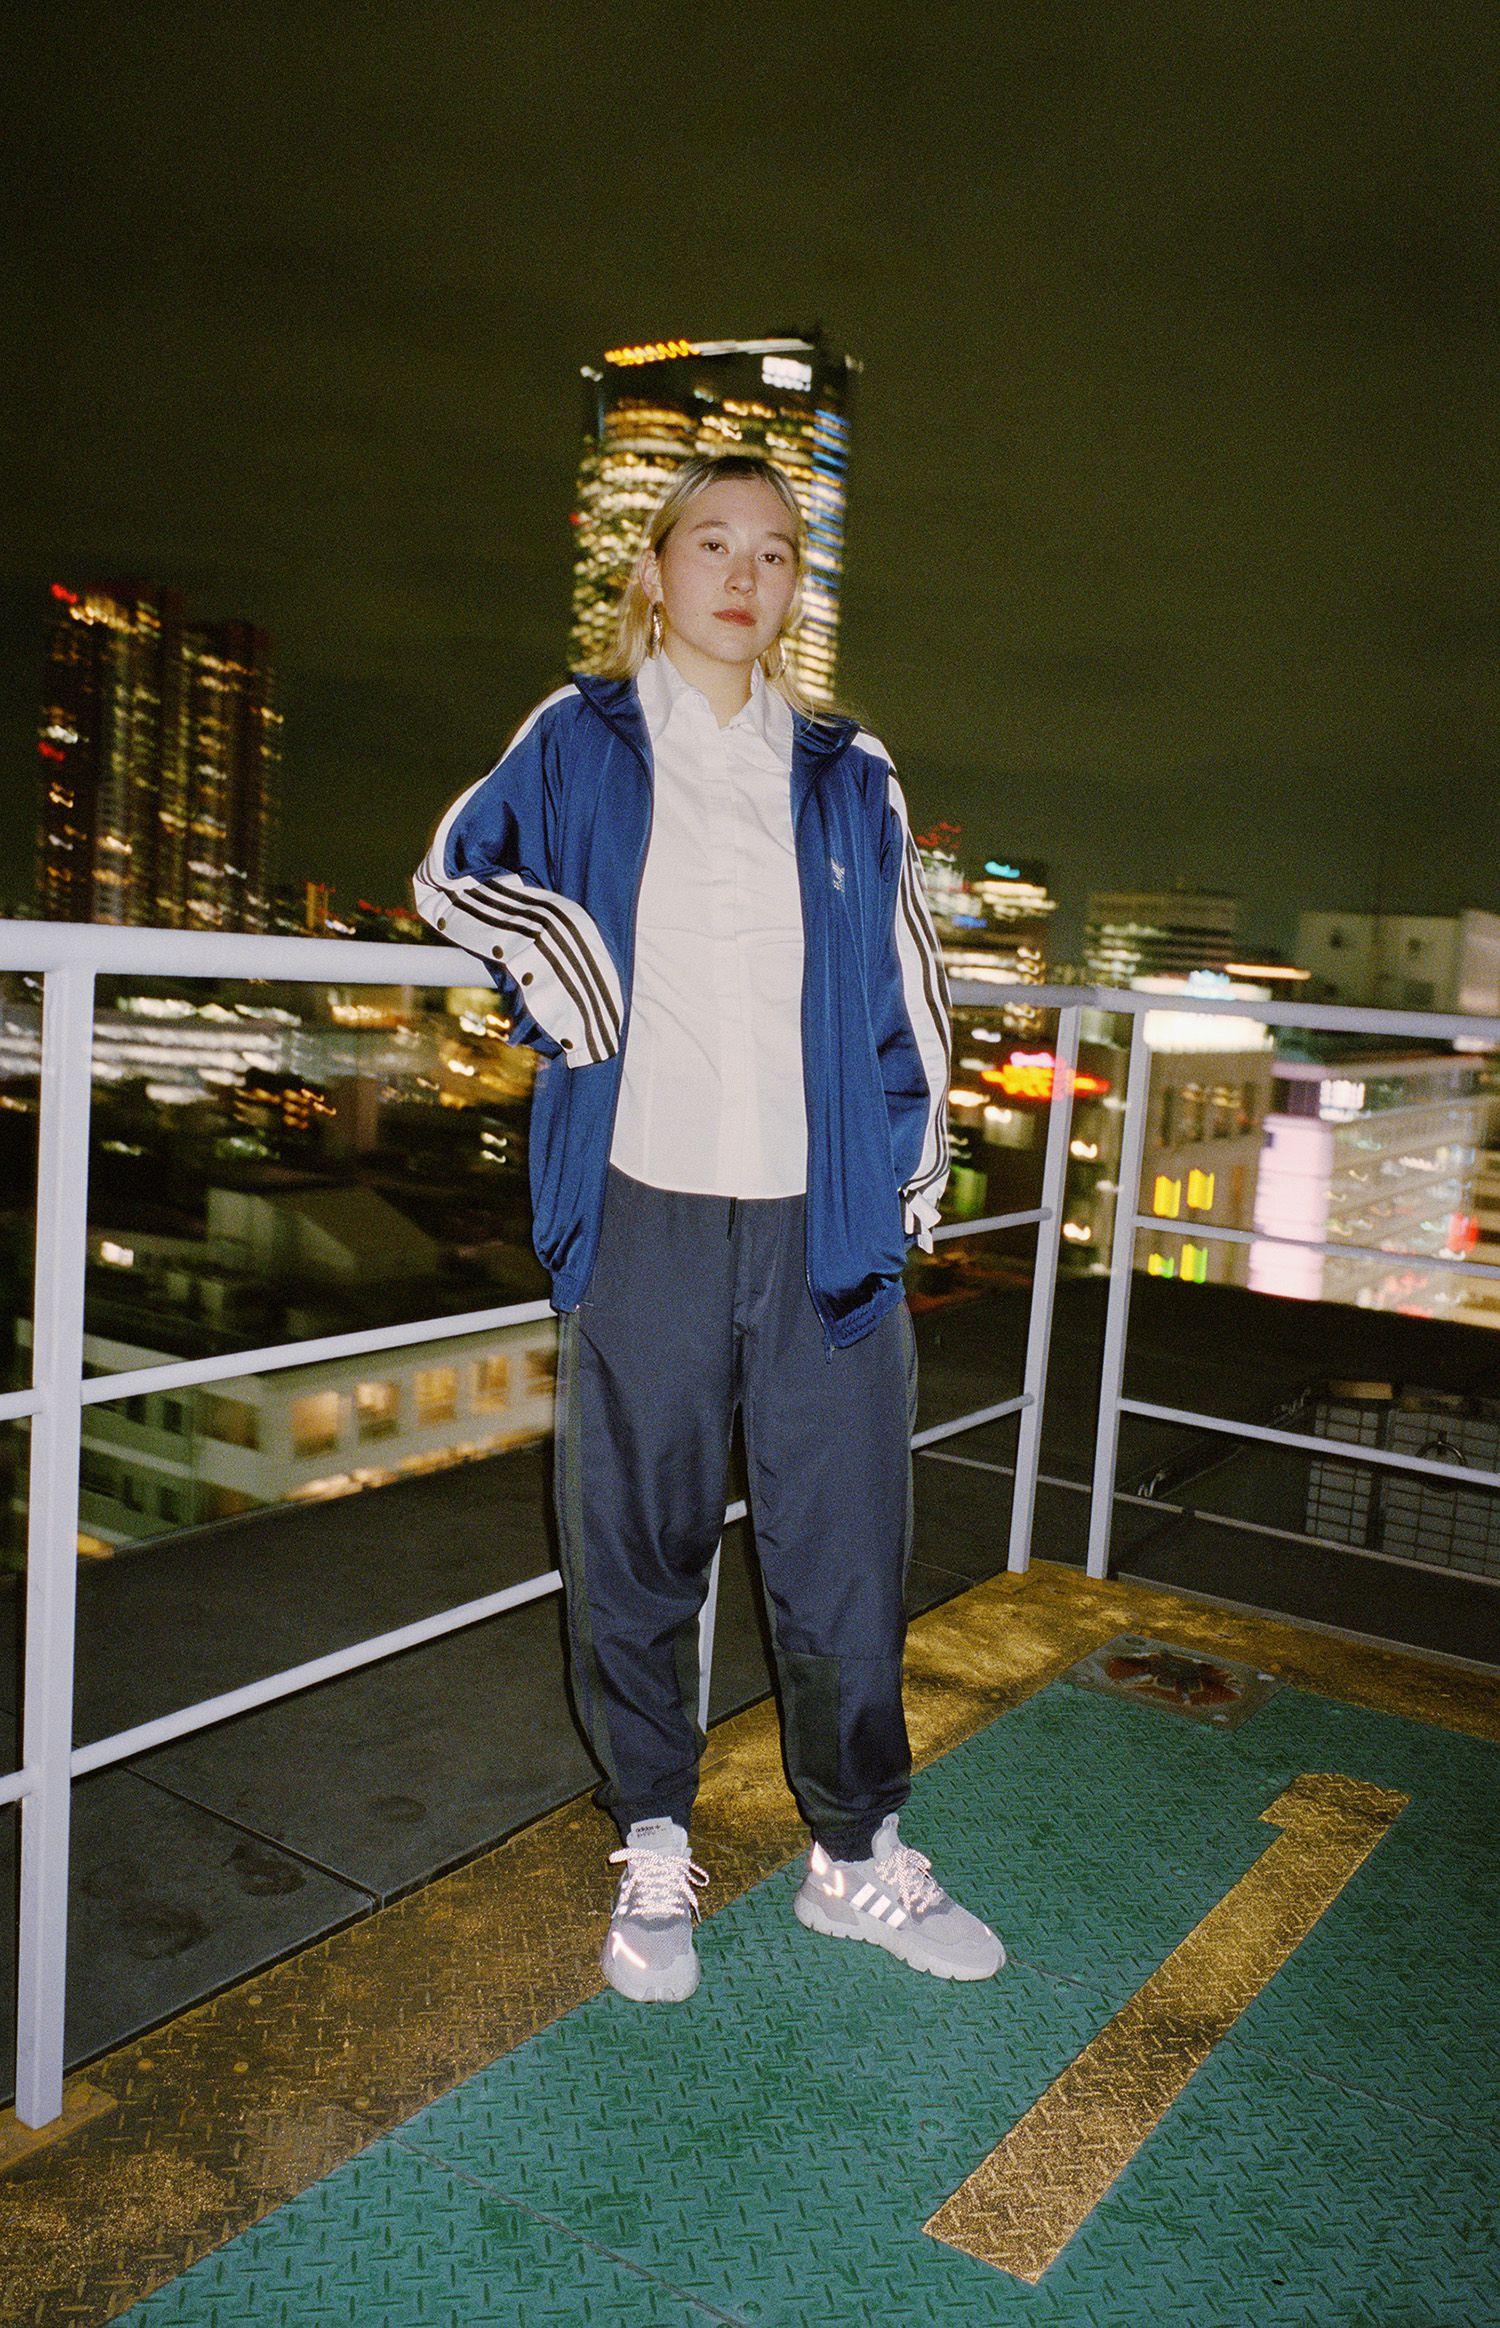 Novi izgled popularnog adidasovog modela tenisica Nite Jogger slavi  kreativce koji žive i stvaraju noću